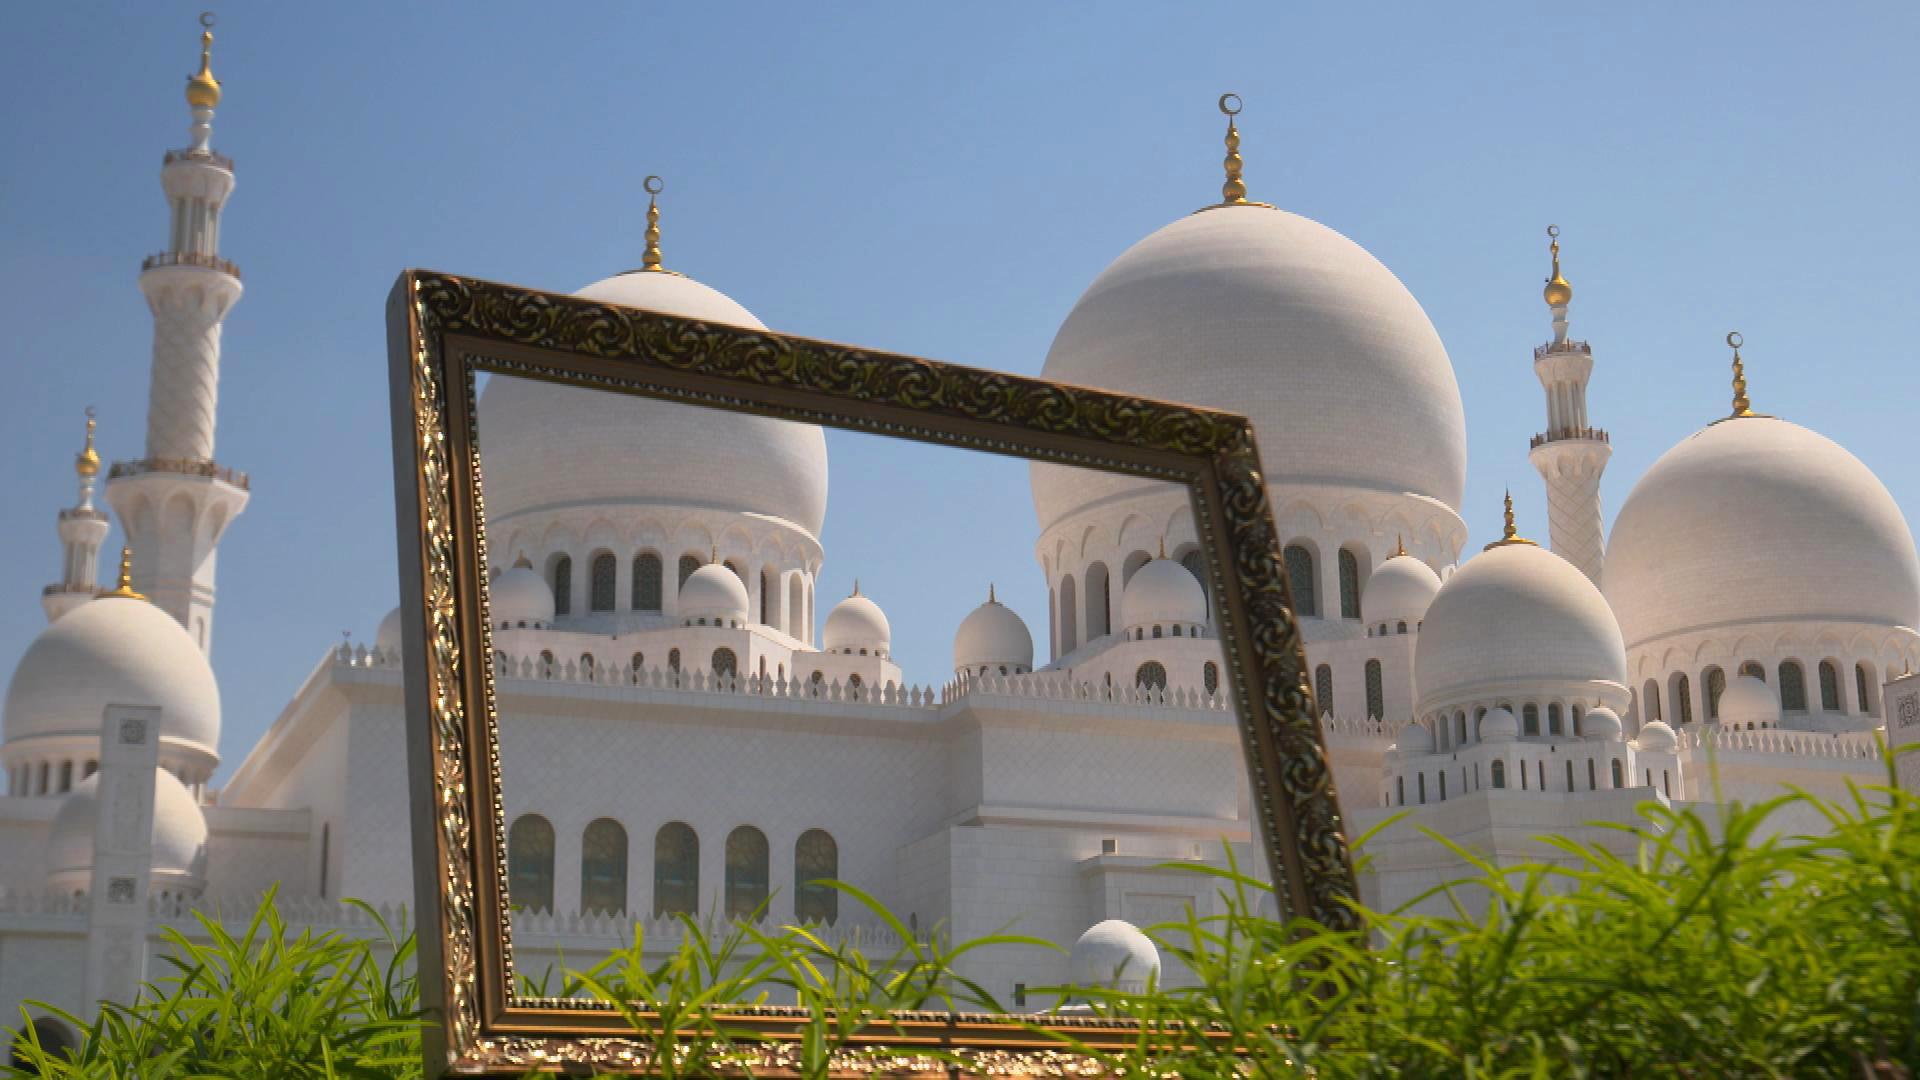 ADR99_Scheich Zayid Moschee_Rahmen